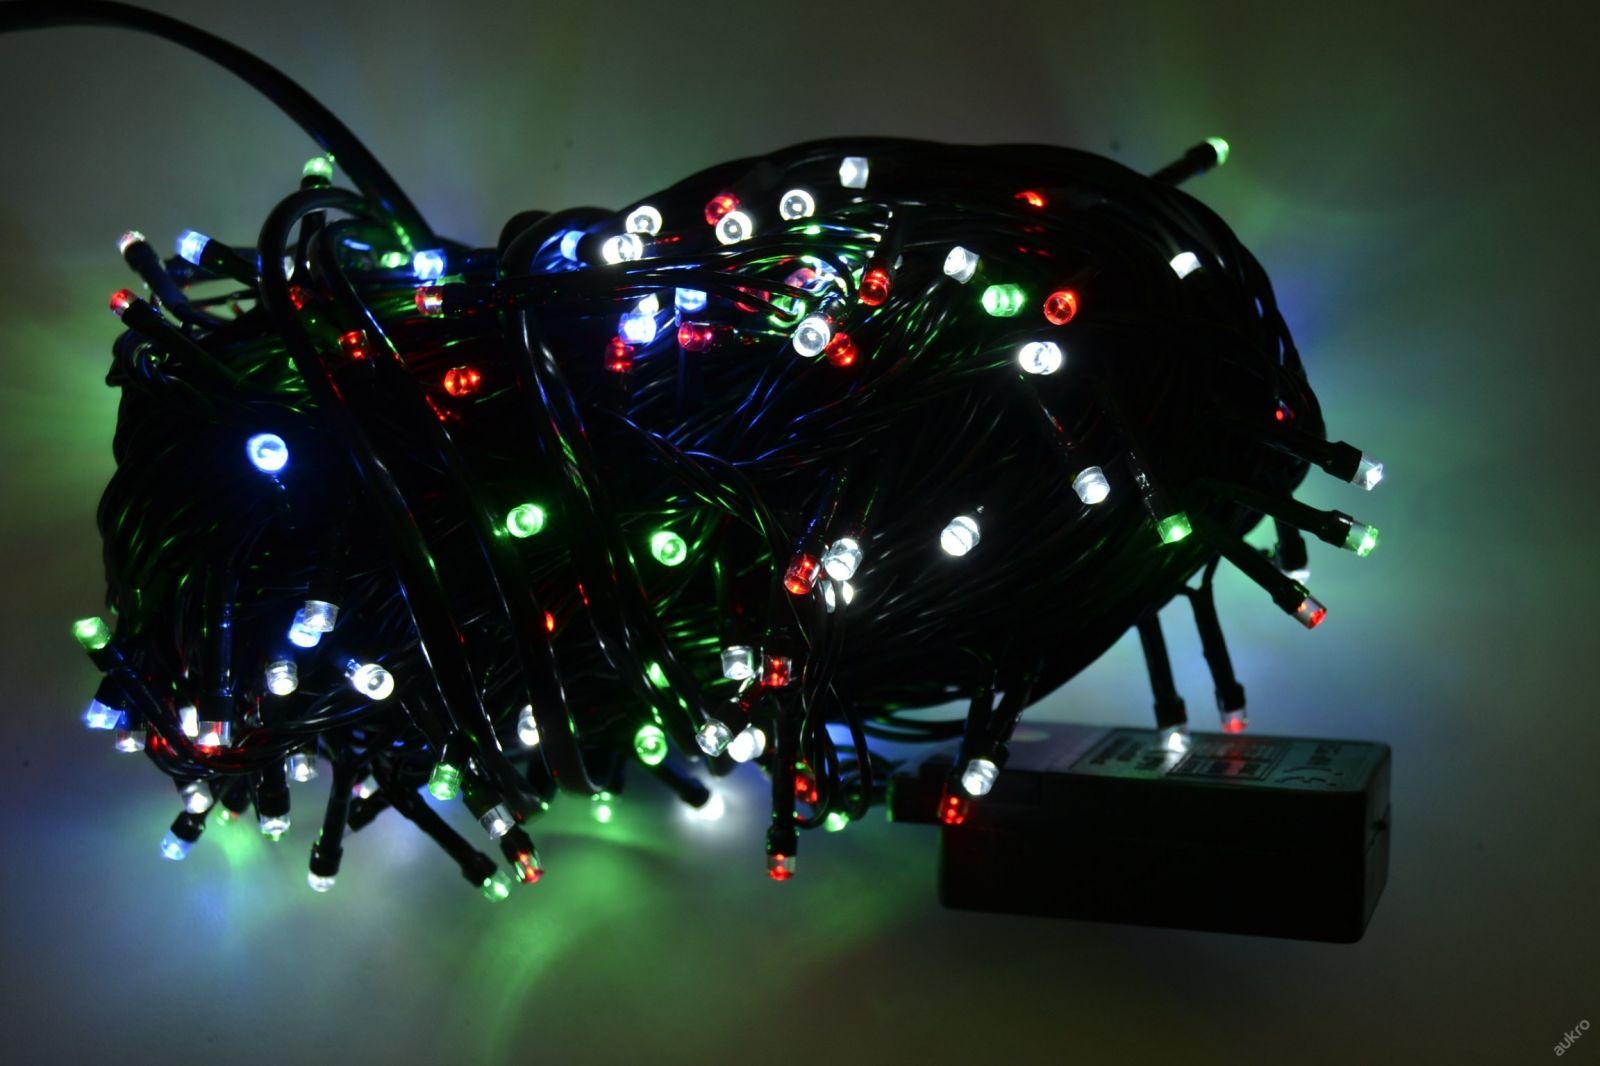 VÁNOČNÍ OSVĚTLENÍ 250 LED - BAREVNÉ ZD